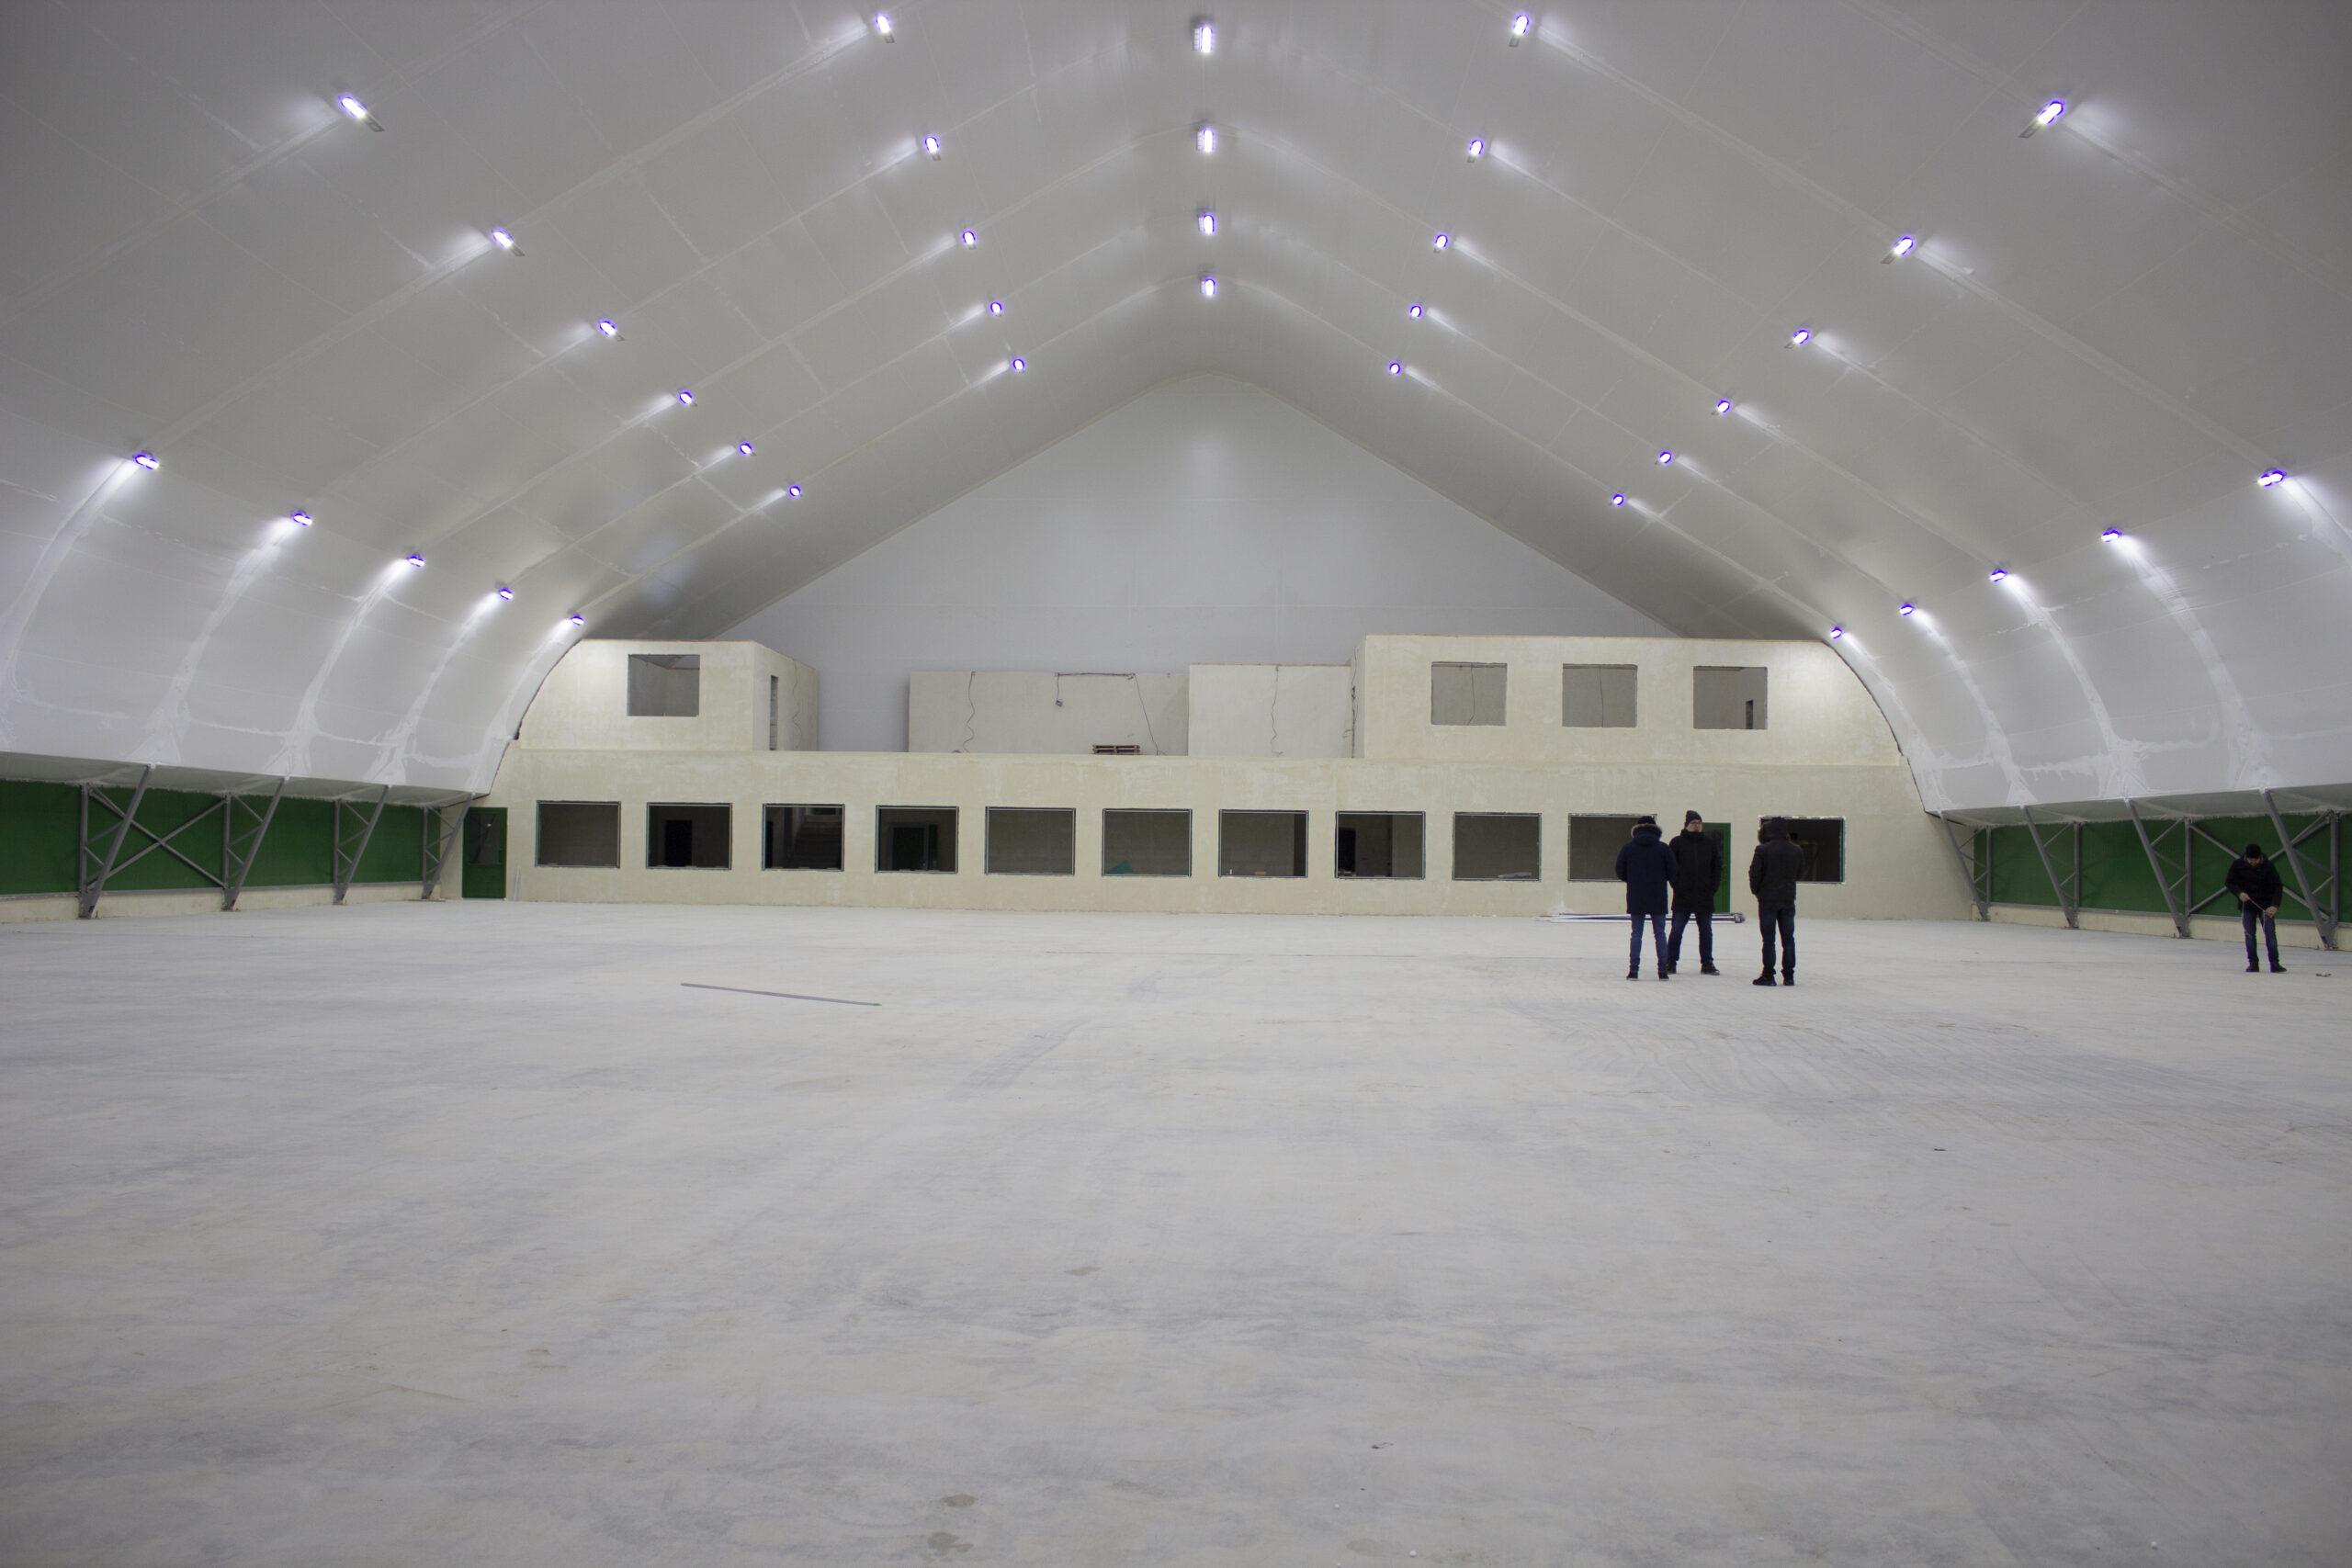 Строительство крытых теннисных кортов в мкр. Кузнечиха Нижнего Новгорода на финальных этапах...